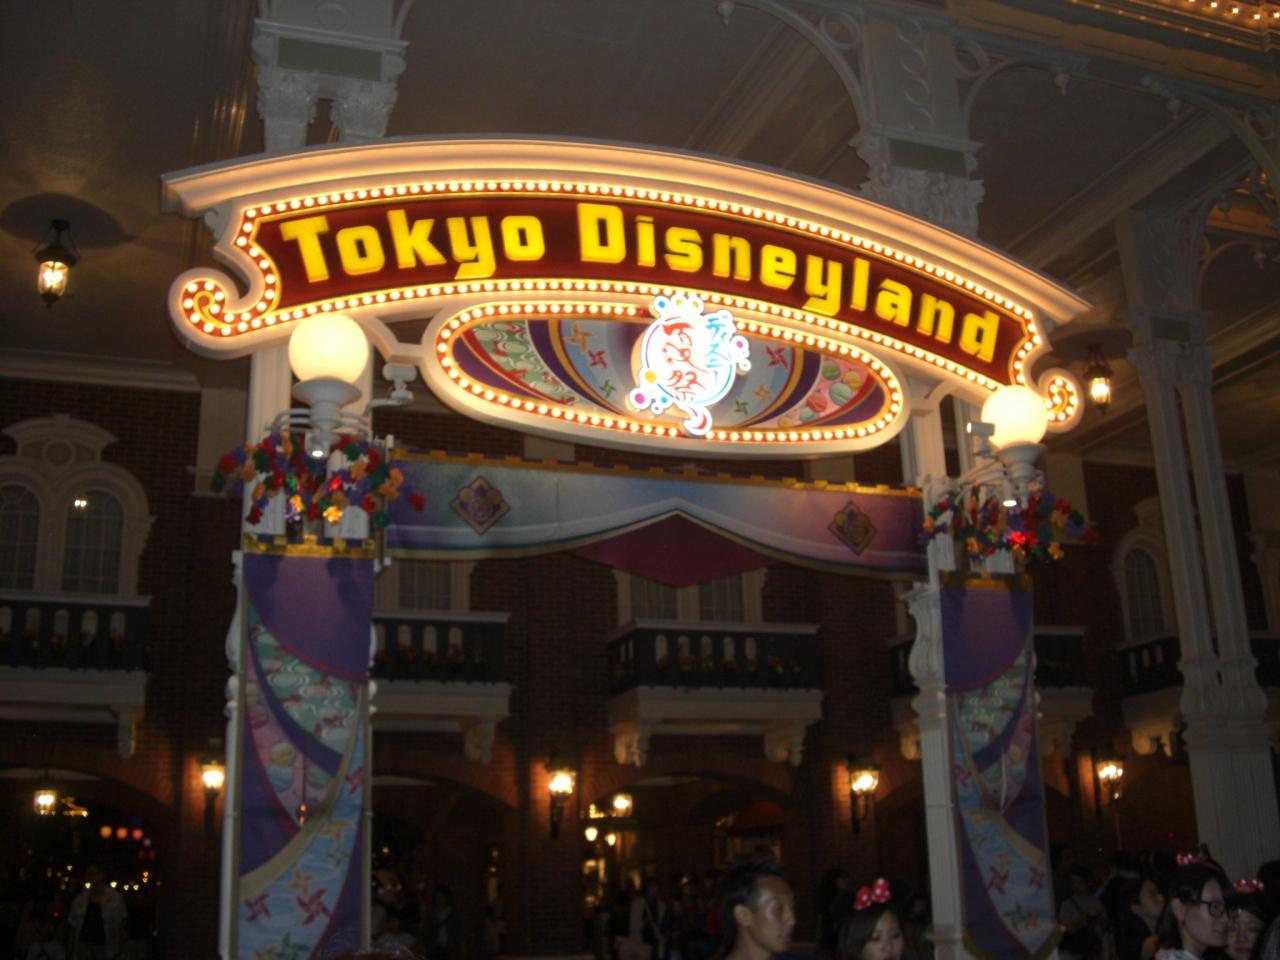 2年ぶりの東京ディズニーランド』東京ディズニーリゾート(千葉県)の旅行